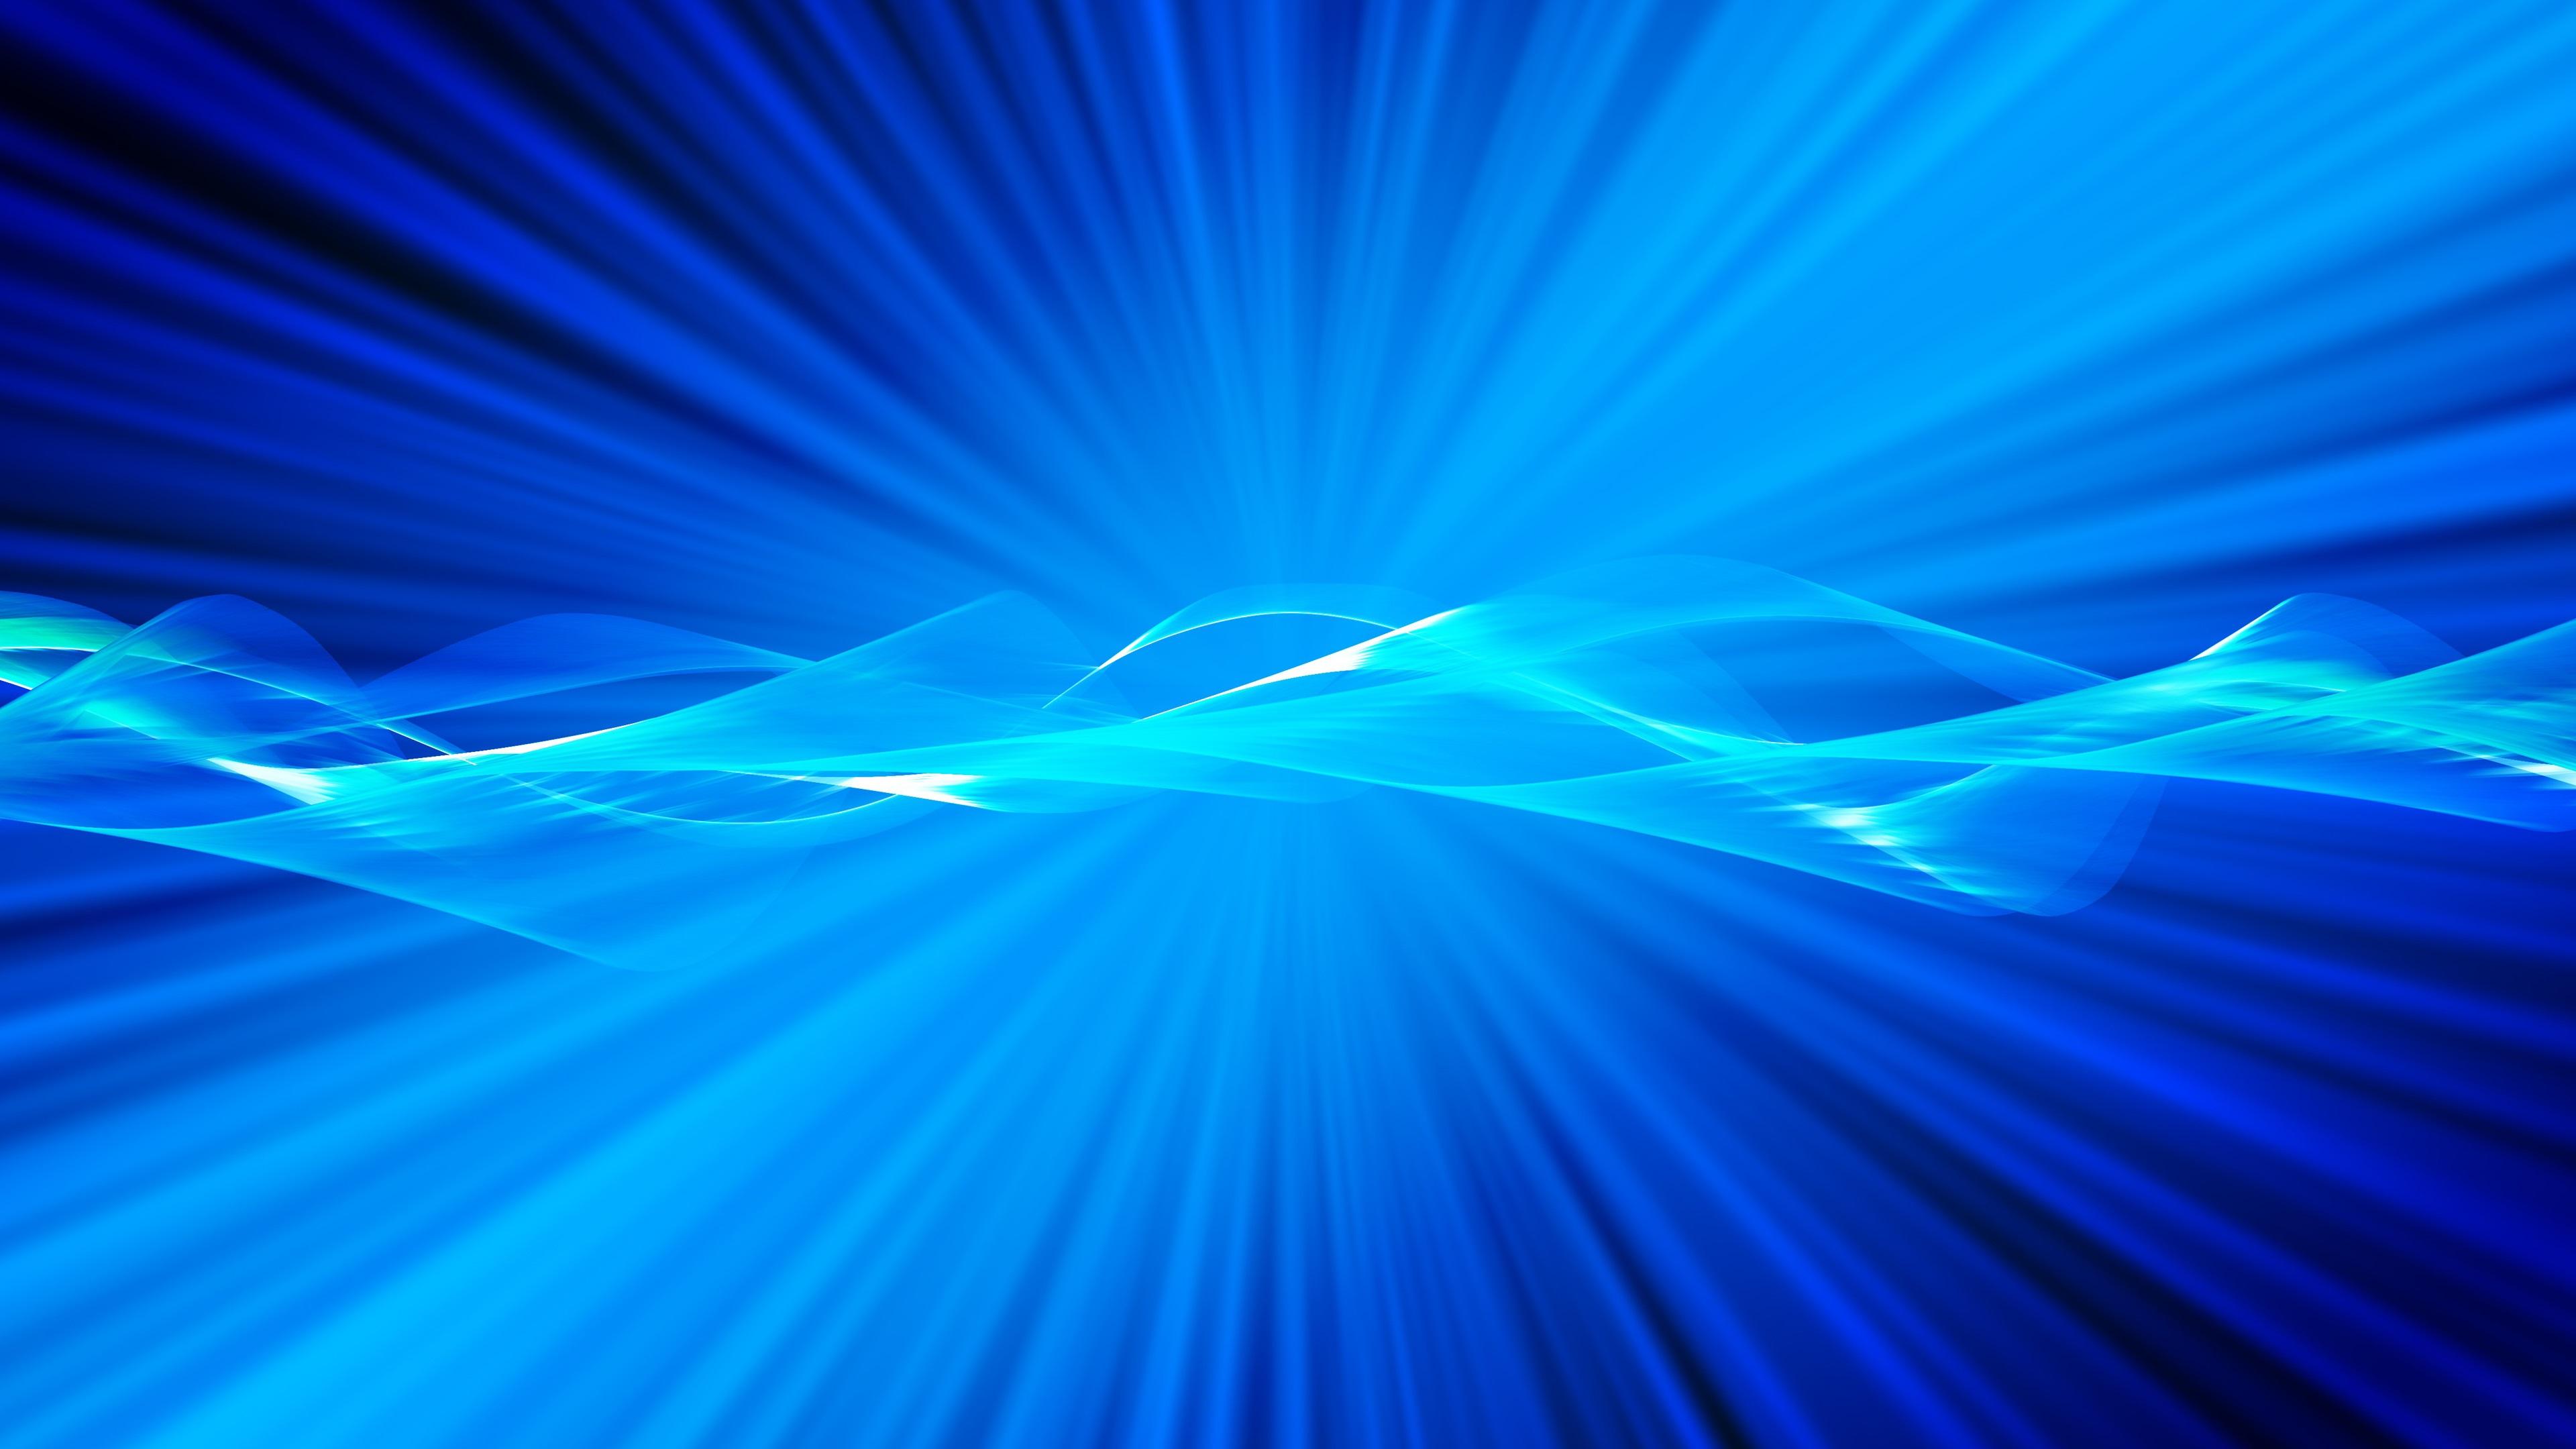 Fonds d'écran Rayons de lumière, style bleu, résumé 3840x2160 UHD 4K image